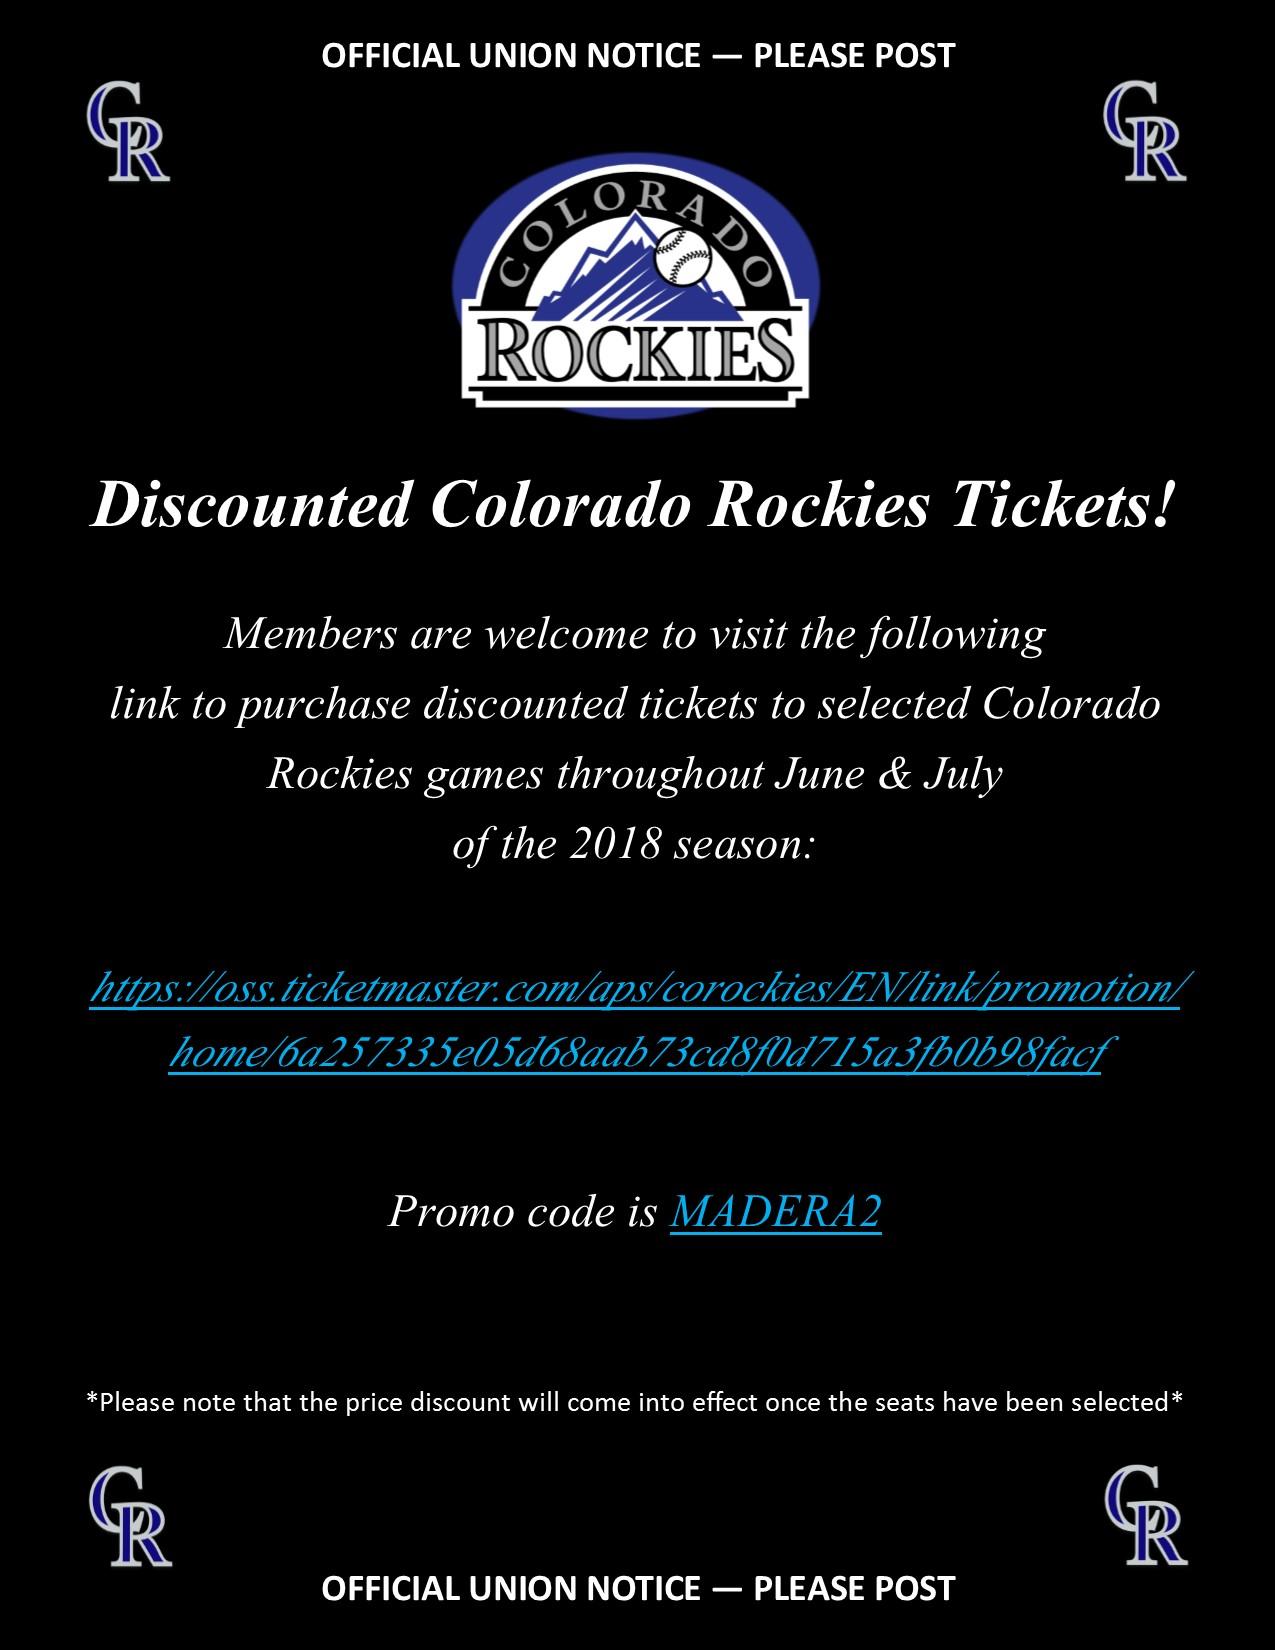 Discounted Colorado Rockies Tickets